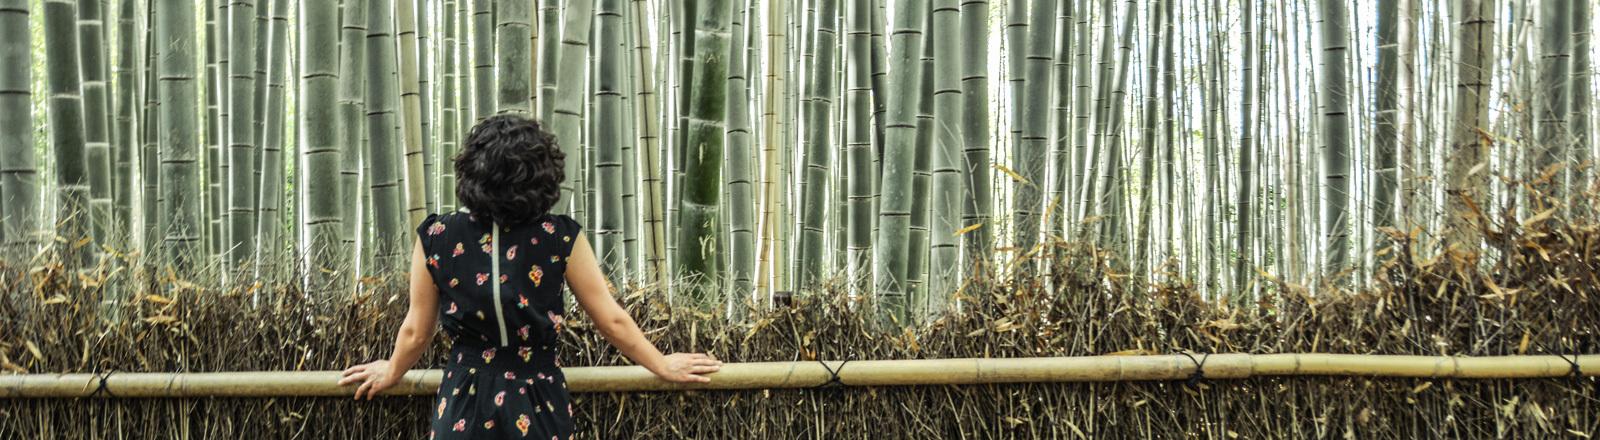 Eine Frau steht mit dem Rücken zu uns vor einer Bambuswand.